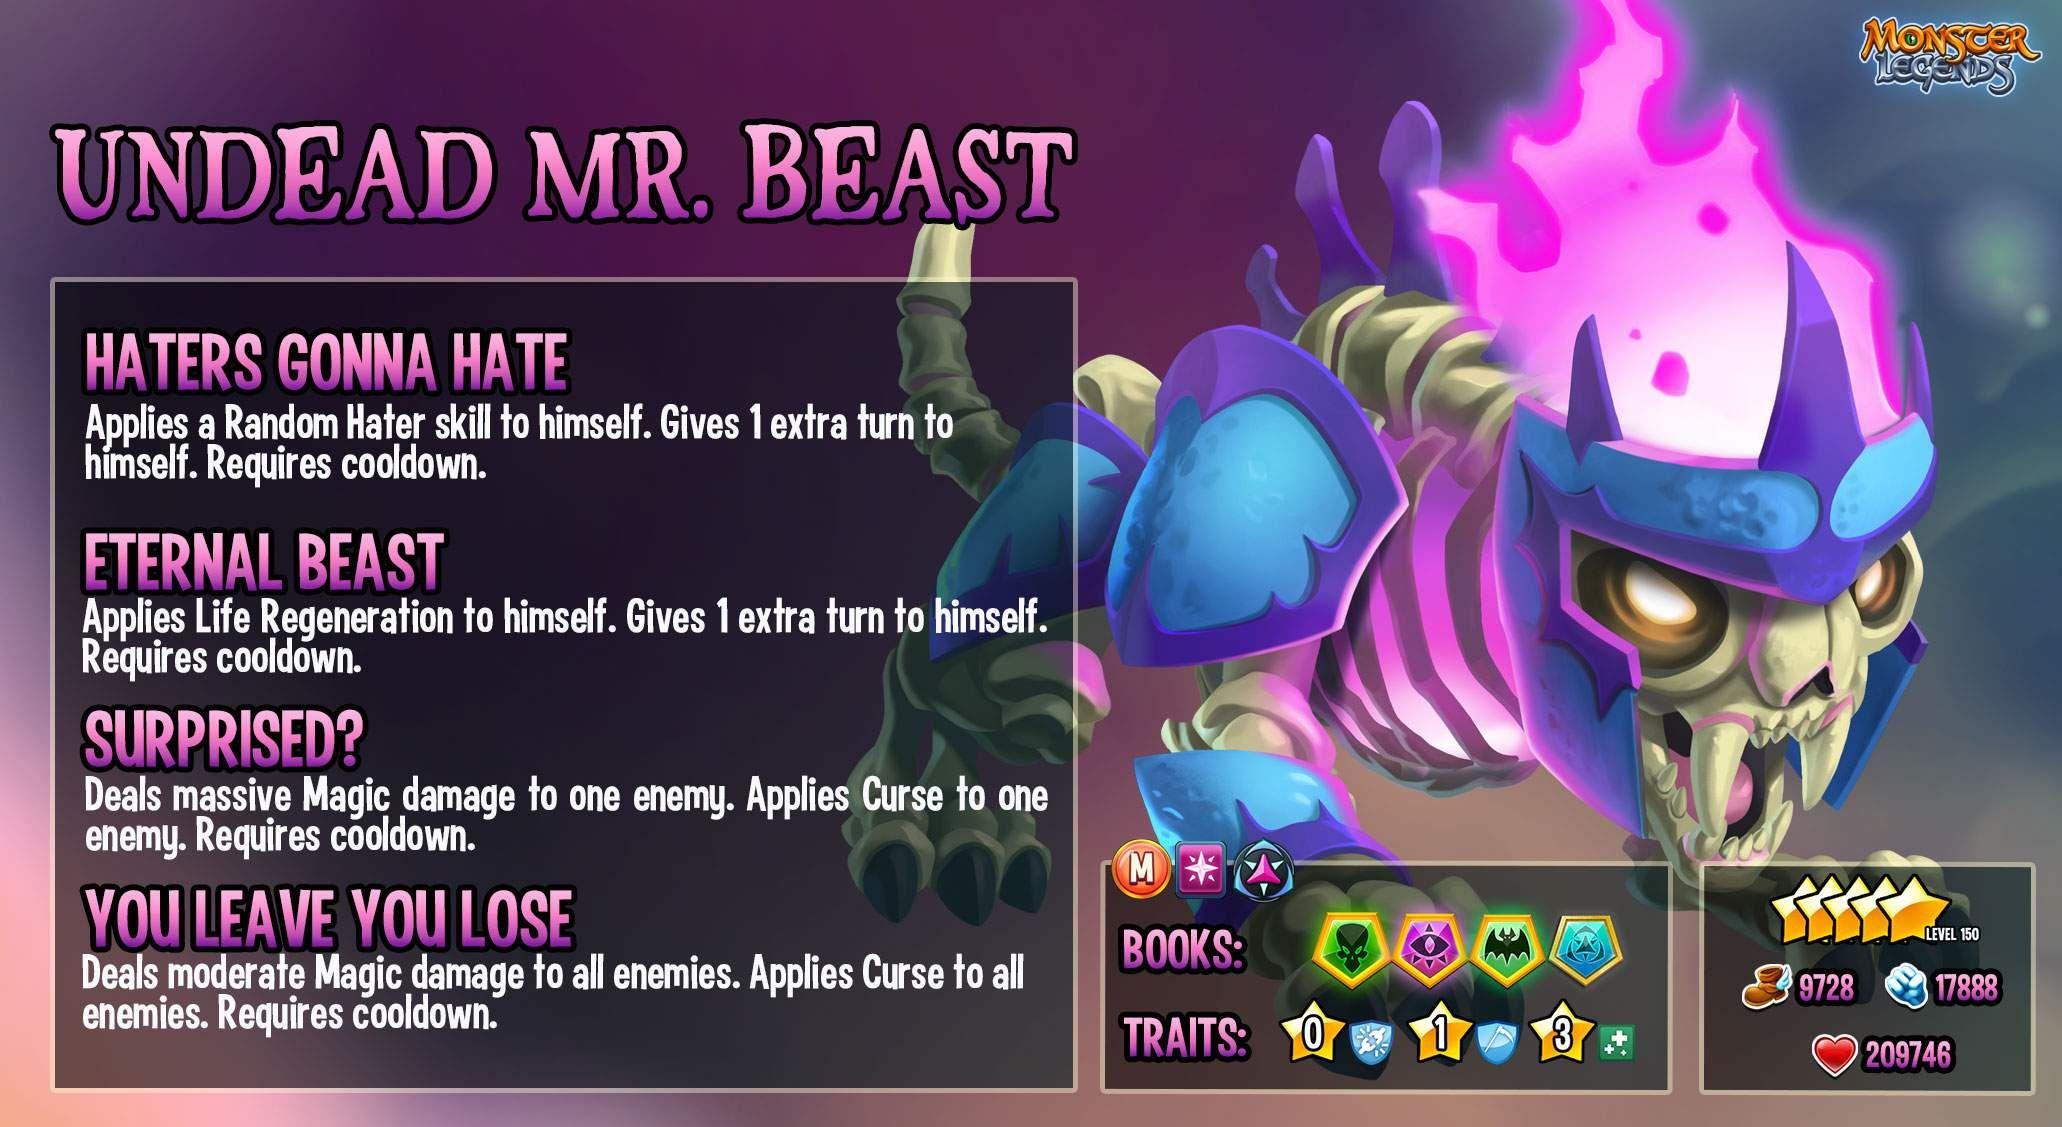 0_1600412534757_Undead-Mr.-Beast.jpg